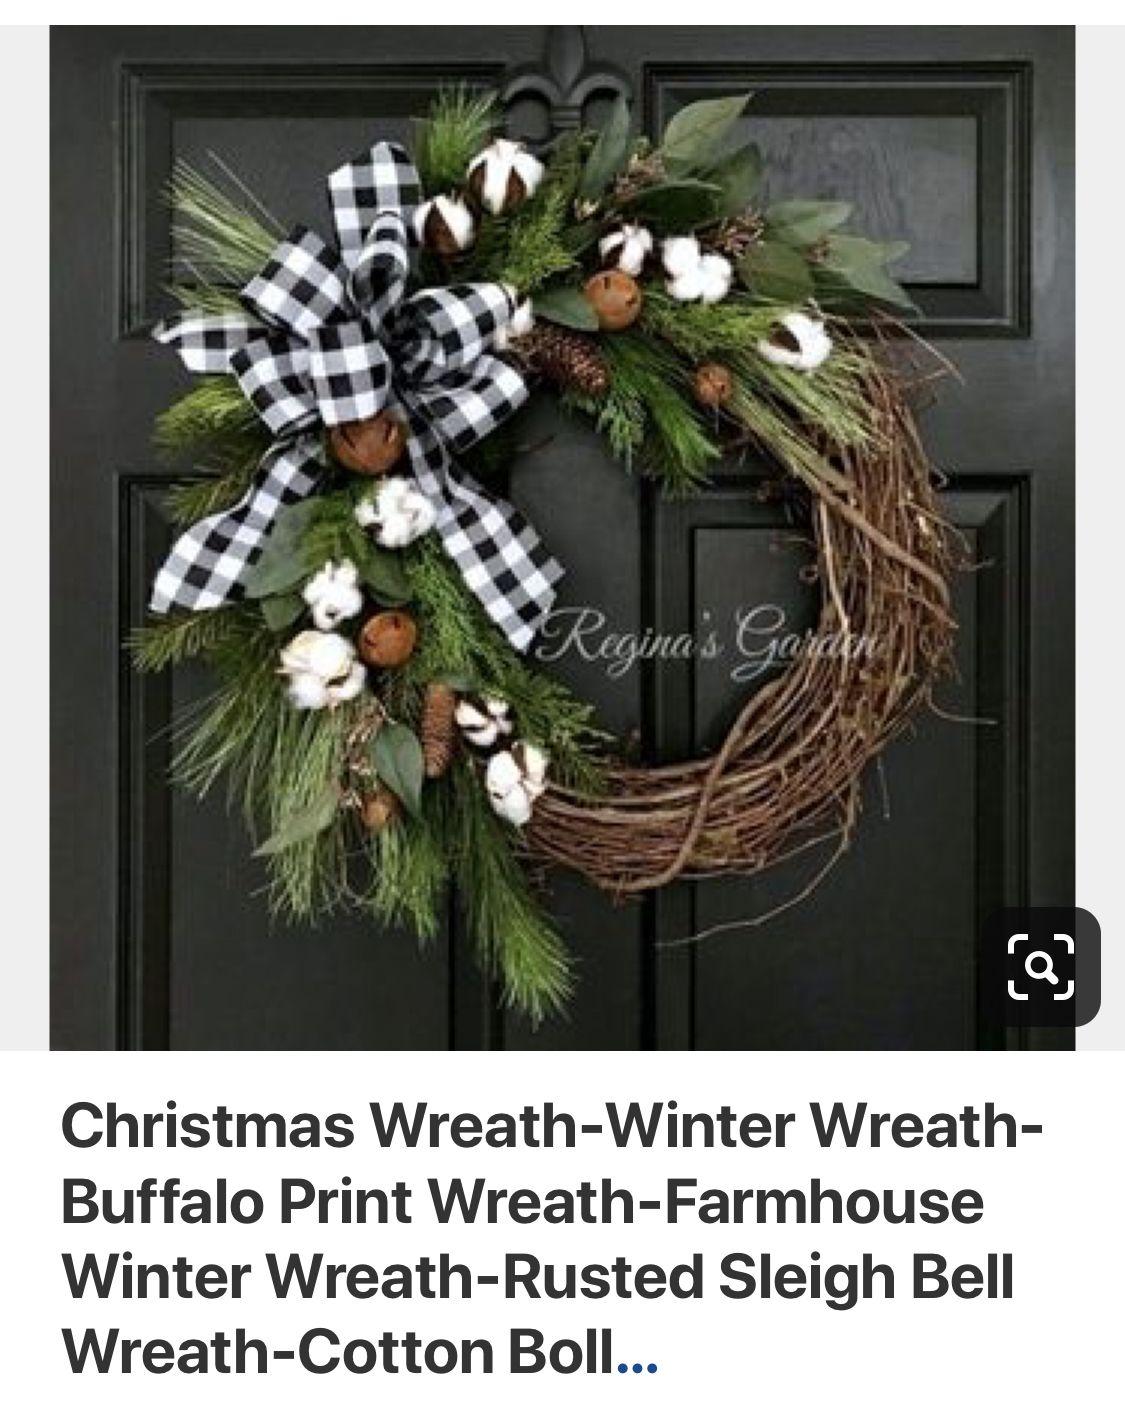 Winter Wreath Sled Decor Winter Door Wreath Christmas Wreath Winter Wreaths for Front Door Rustic Christmas Wreath